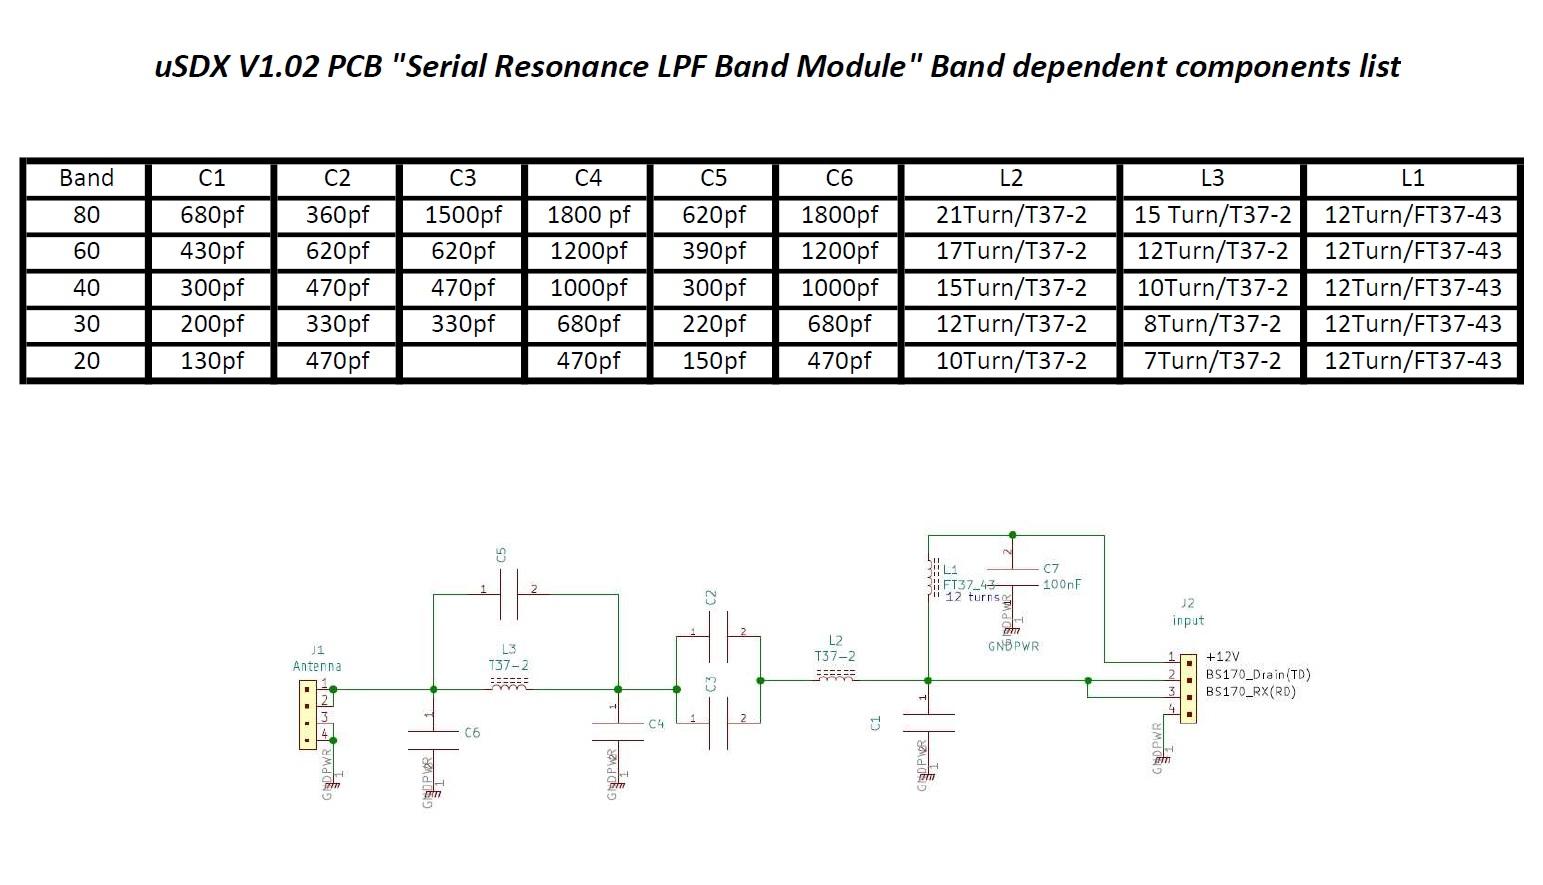 uSDX Multiband Serial Resonance Low Pass Filter - Ankara Telsiz ve Radyo  Amatörleri Kulübü Derneği